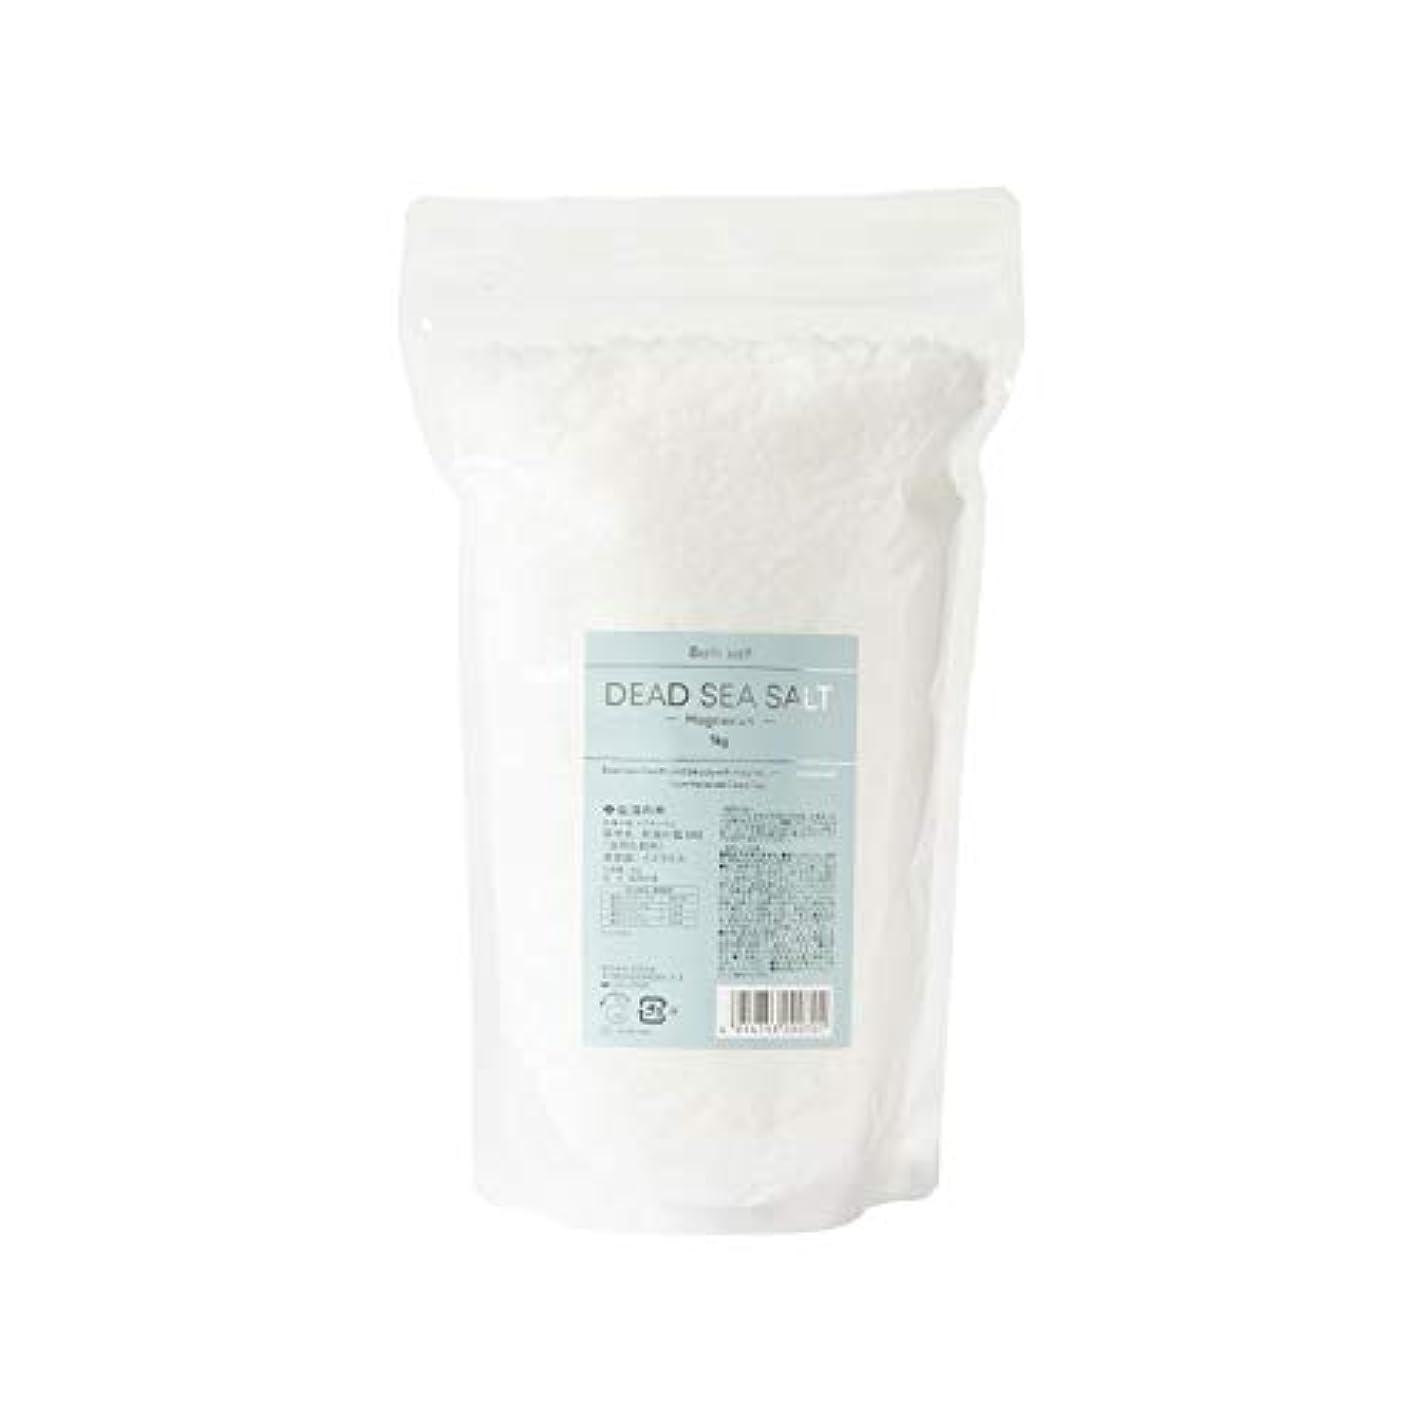 ぜいたく放置息切れ生活の木 死海の塩マグネシウム 1kg